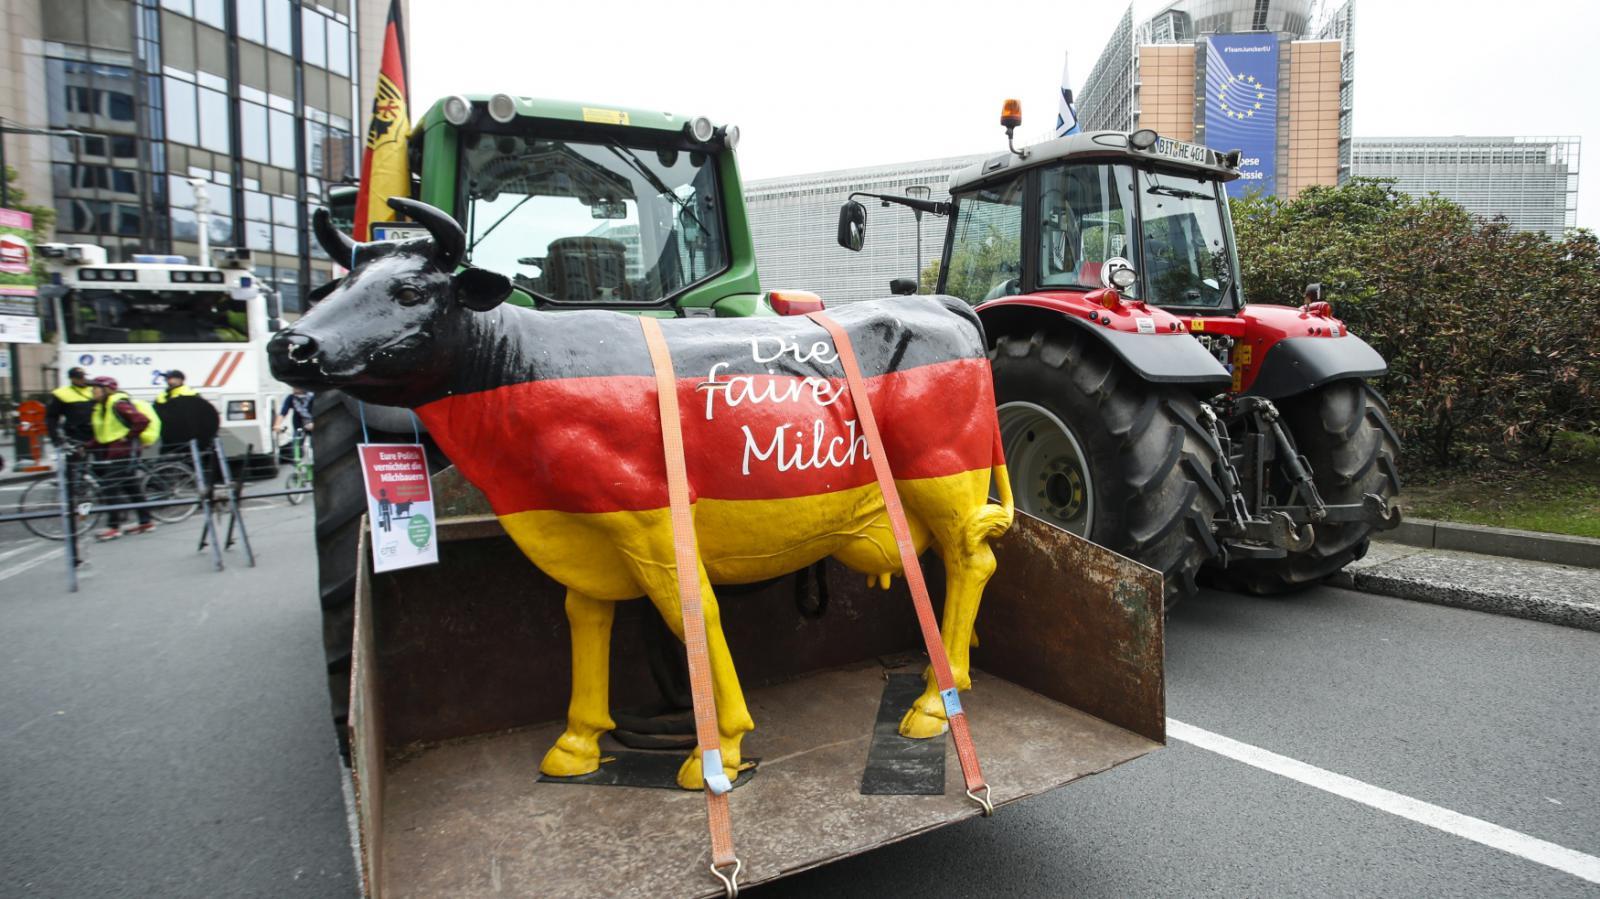 Zemědělci v Bruselu protestují kvůli mléku